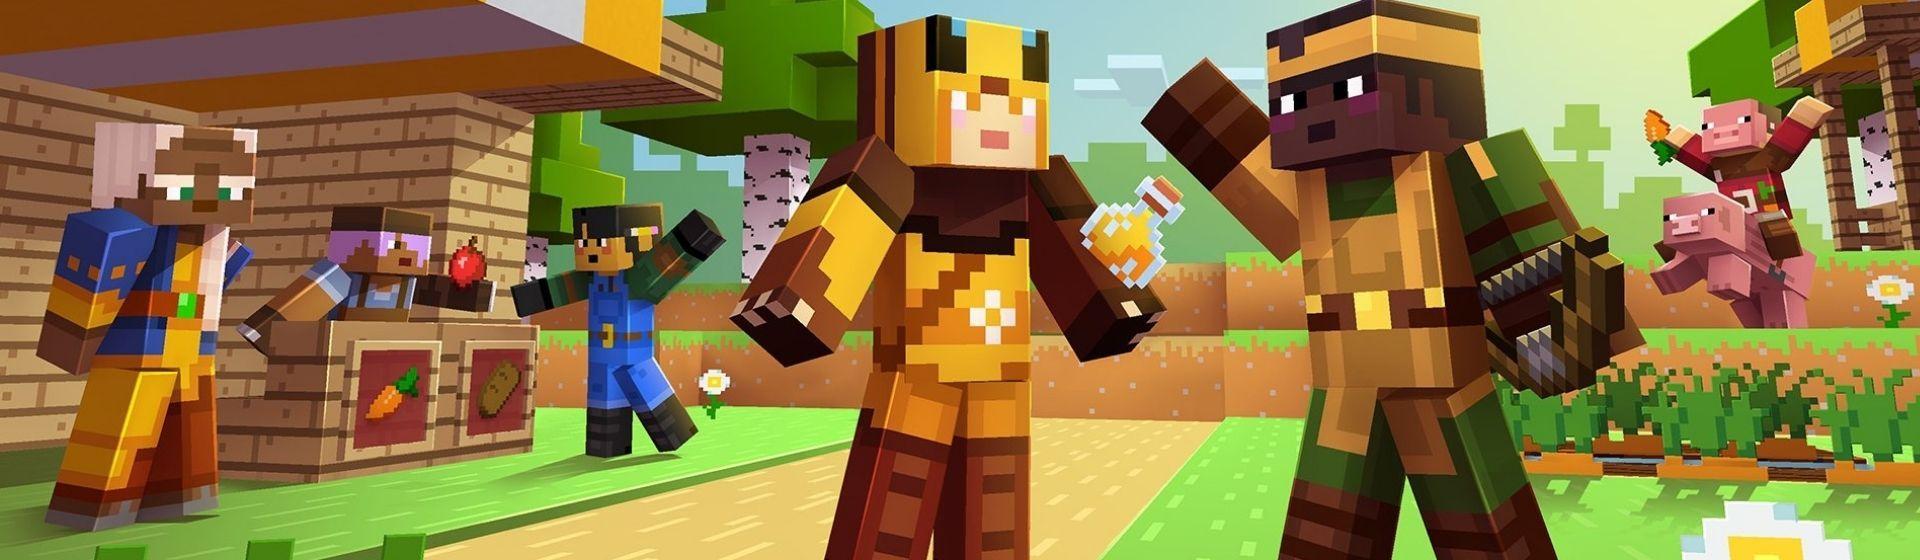 Como fazer corda no Minecraft? Veja tutorial com passo a passo